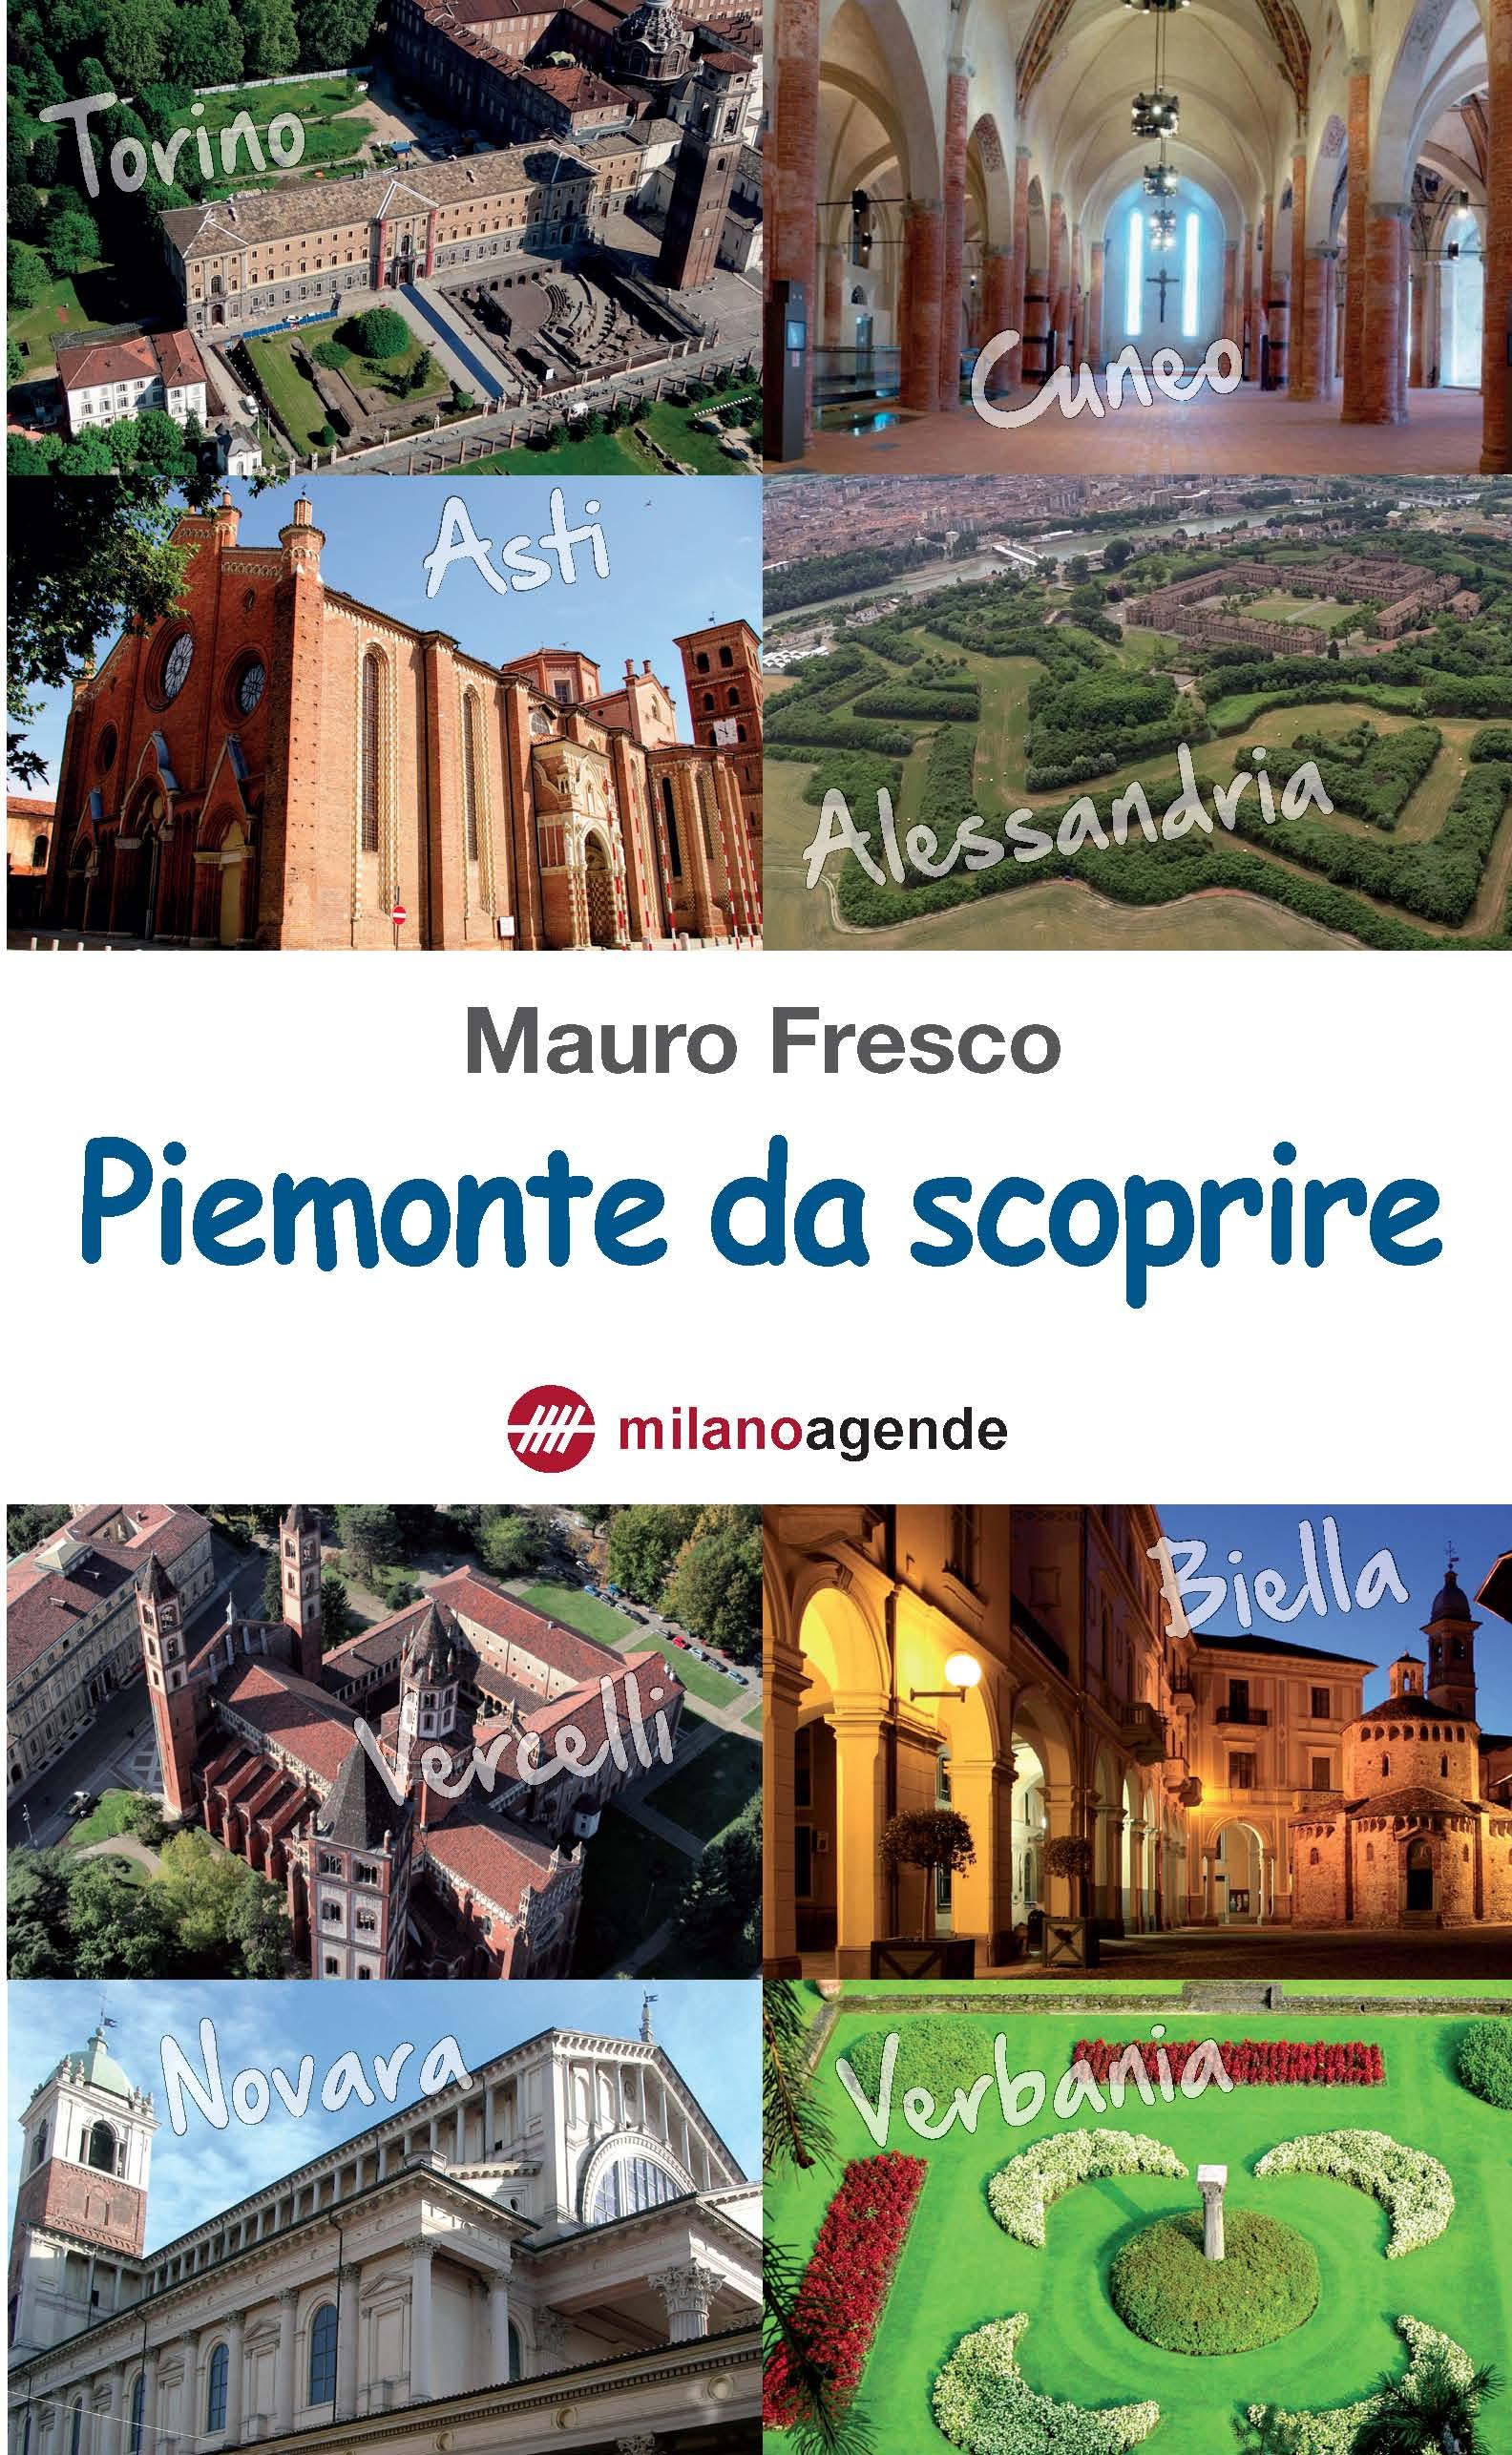 Piemonte da scoprire